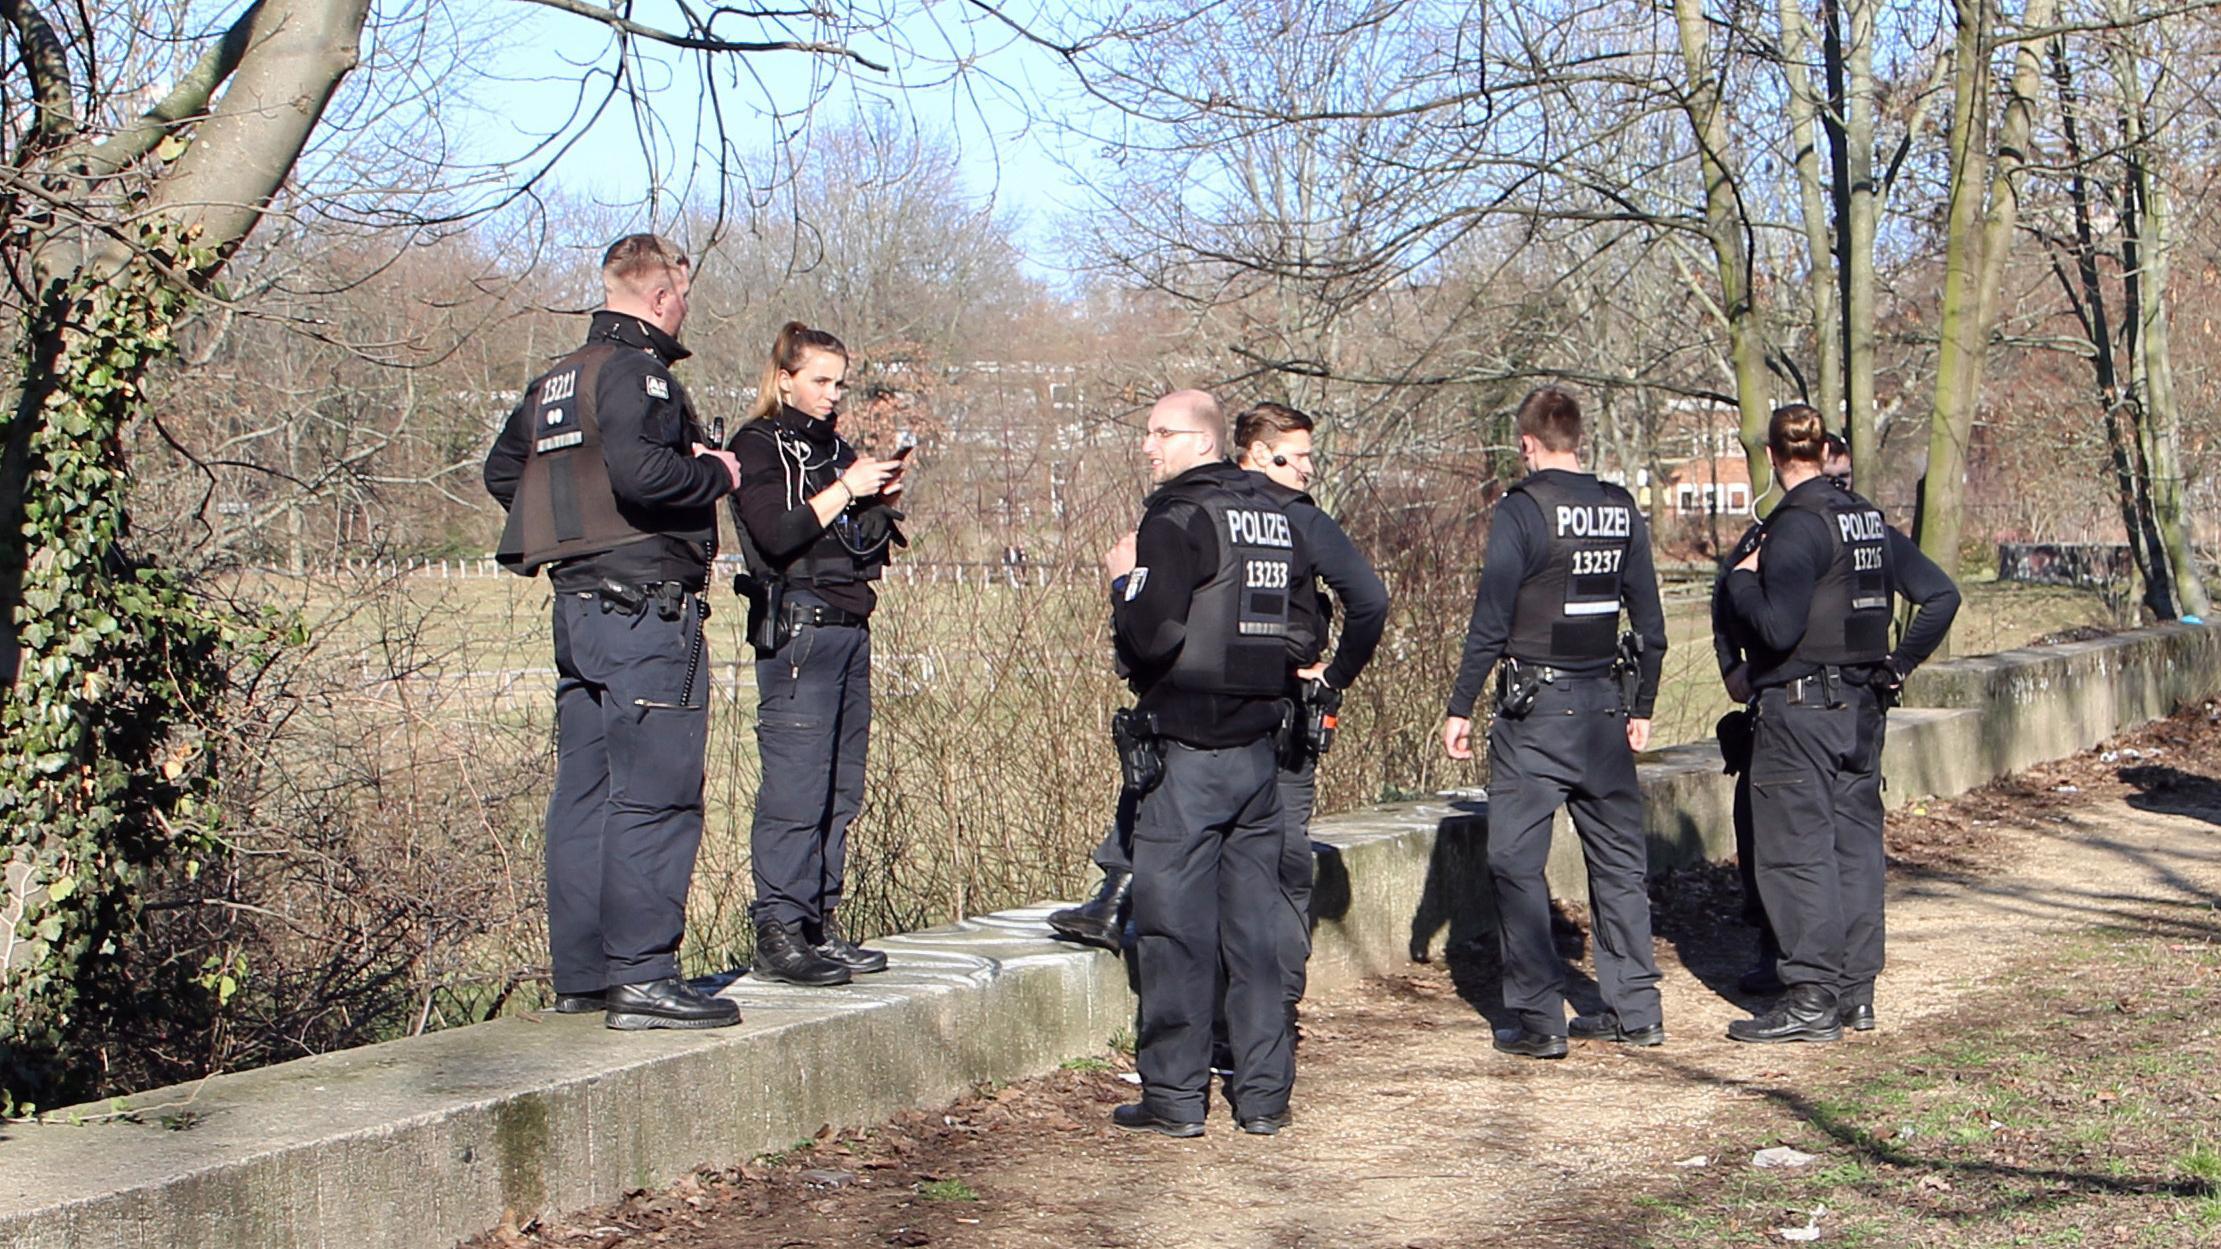 Polizisten stehen während der Suche nach der vermissten 15-jährigen Rebecca am Rande eines Parkgebietes